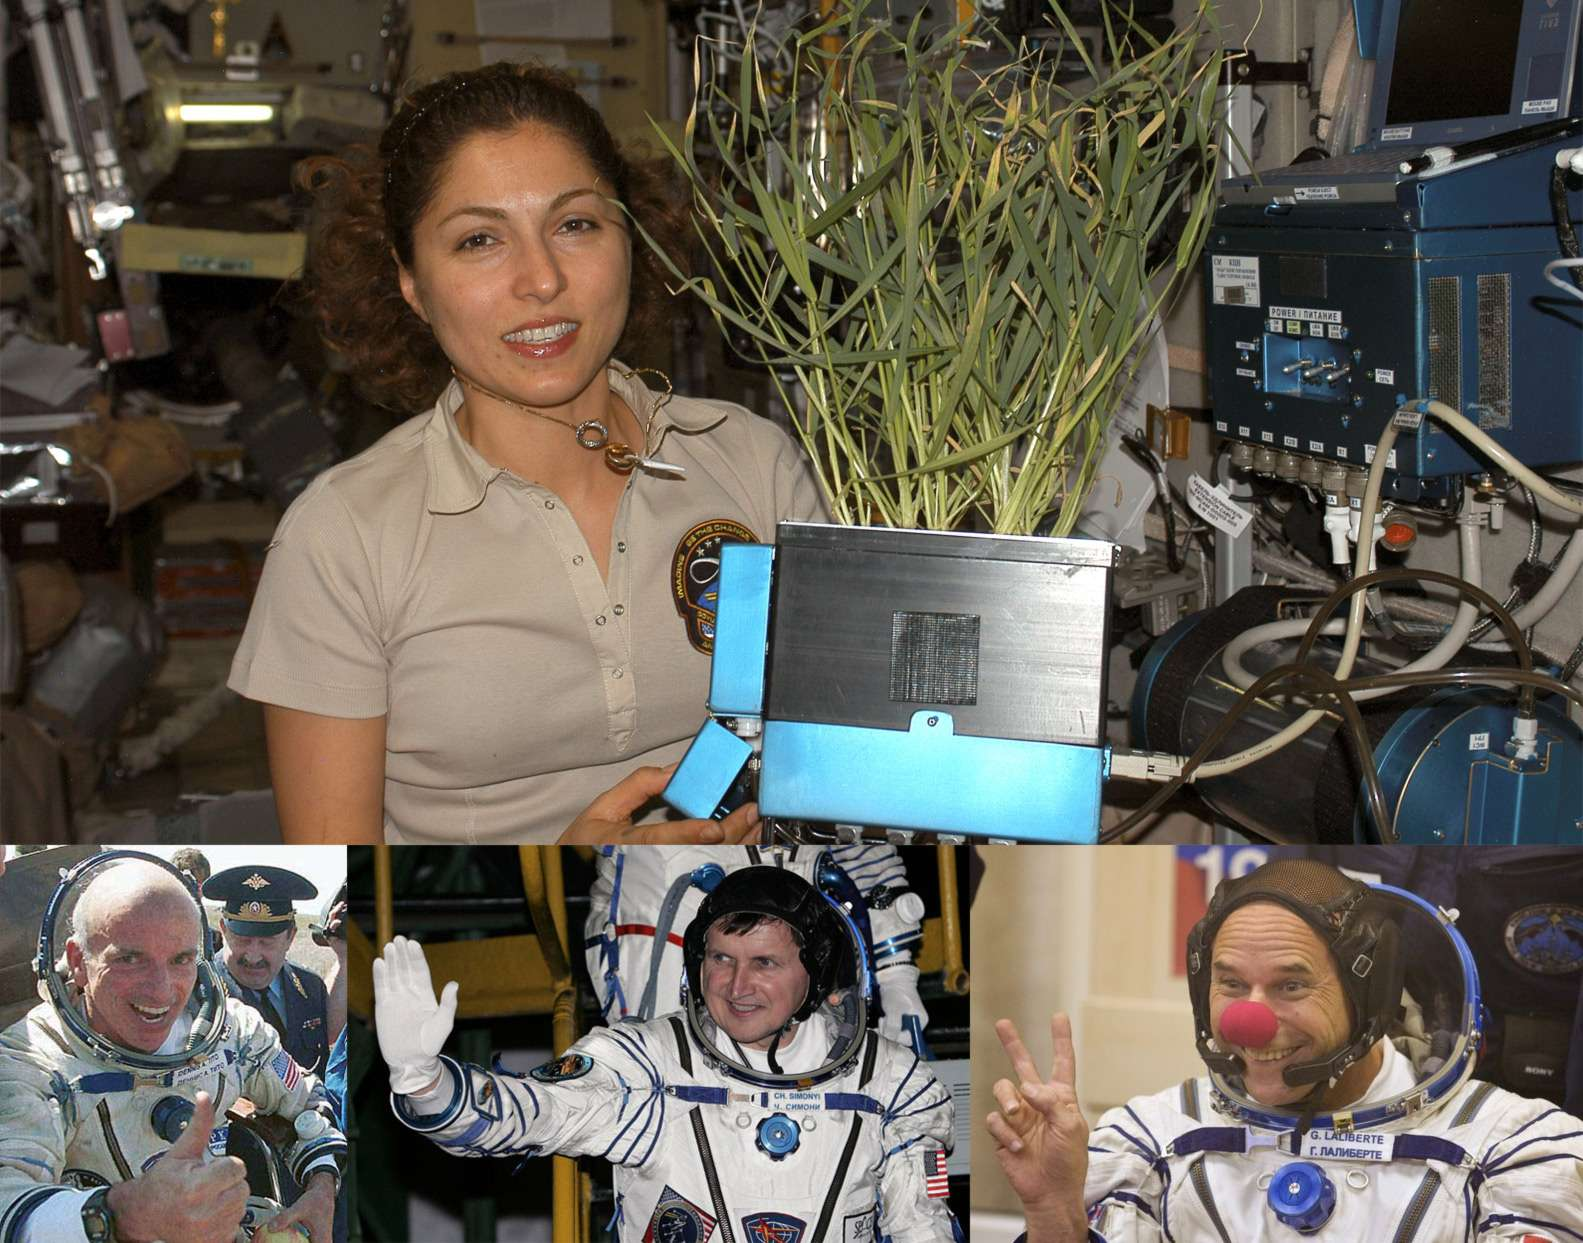 Quatre des sept touristes spatiaux qui ont rejoint l'ISS en prenant place à bord d'une capsule Soyuz. En haut, l'américano-iranienne Anousheh Ansari (2006) et en bas de gauche à droite, Dennis Tito, le premier touriste spatial (2001), Charles Simonyi qui vola deux fois (2007 et 2009) et le clown Guy Laliberté, dernier touriste de l'espace à avoir volé sur un Soyuz (2009). © DR